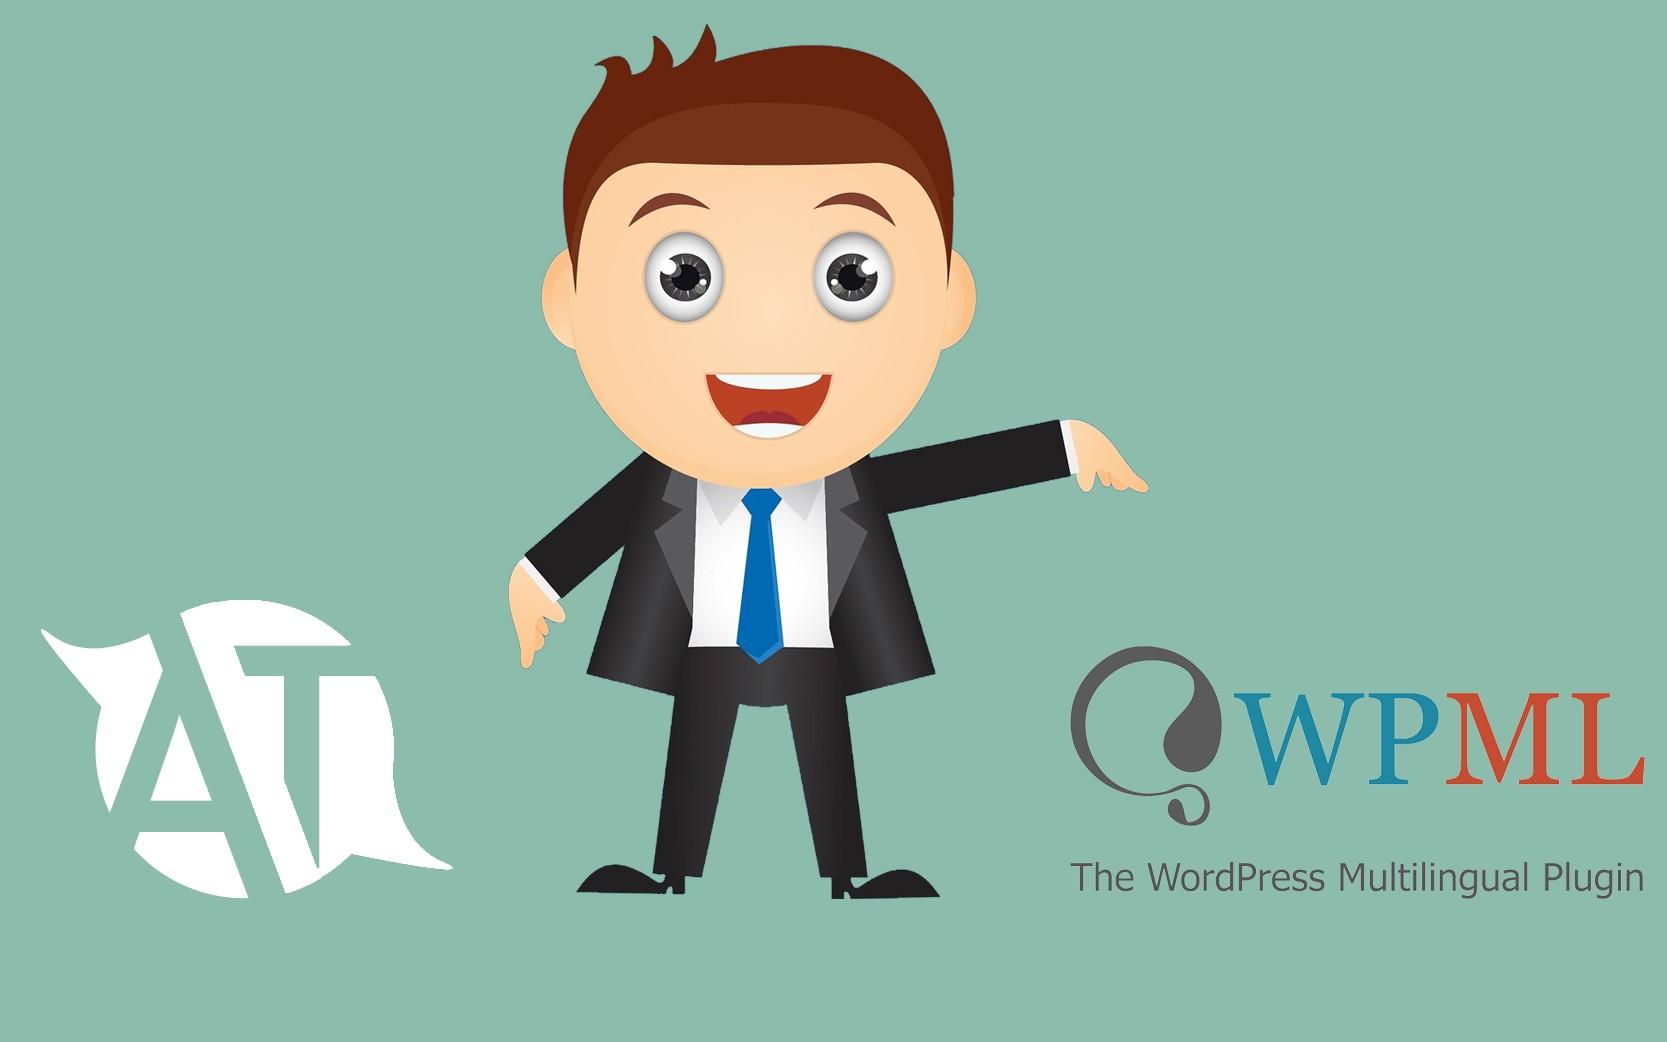 ¿Quieres traducir tu WordPress de forma eficaz? ¡WPML!